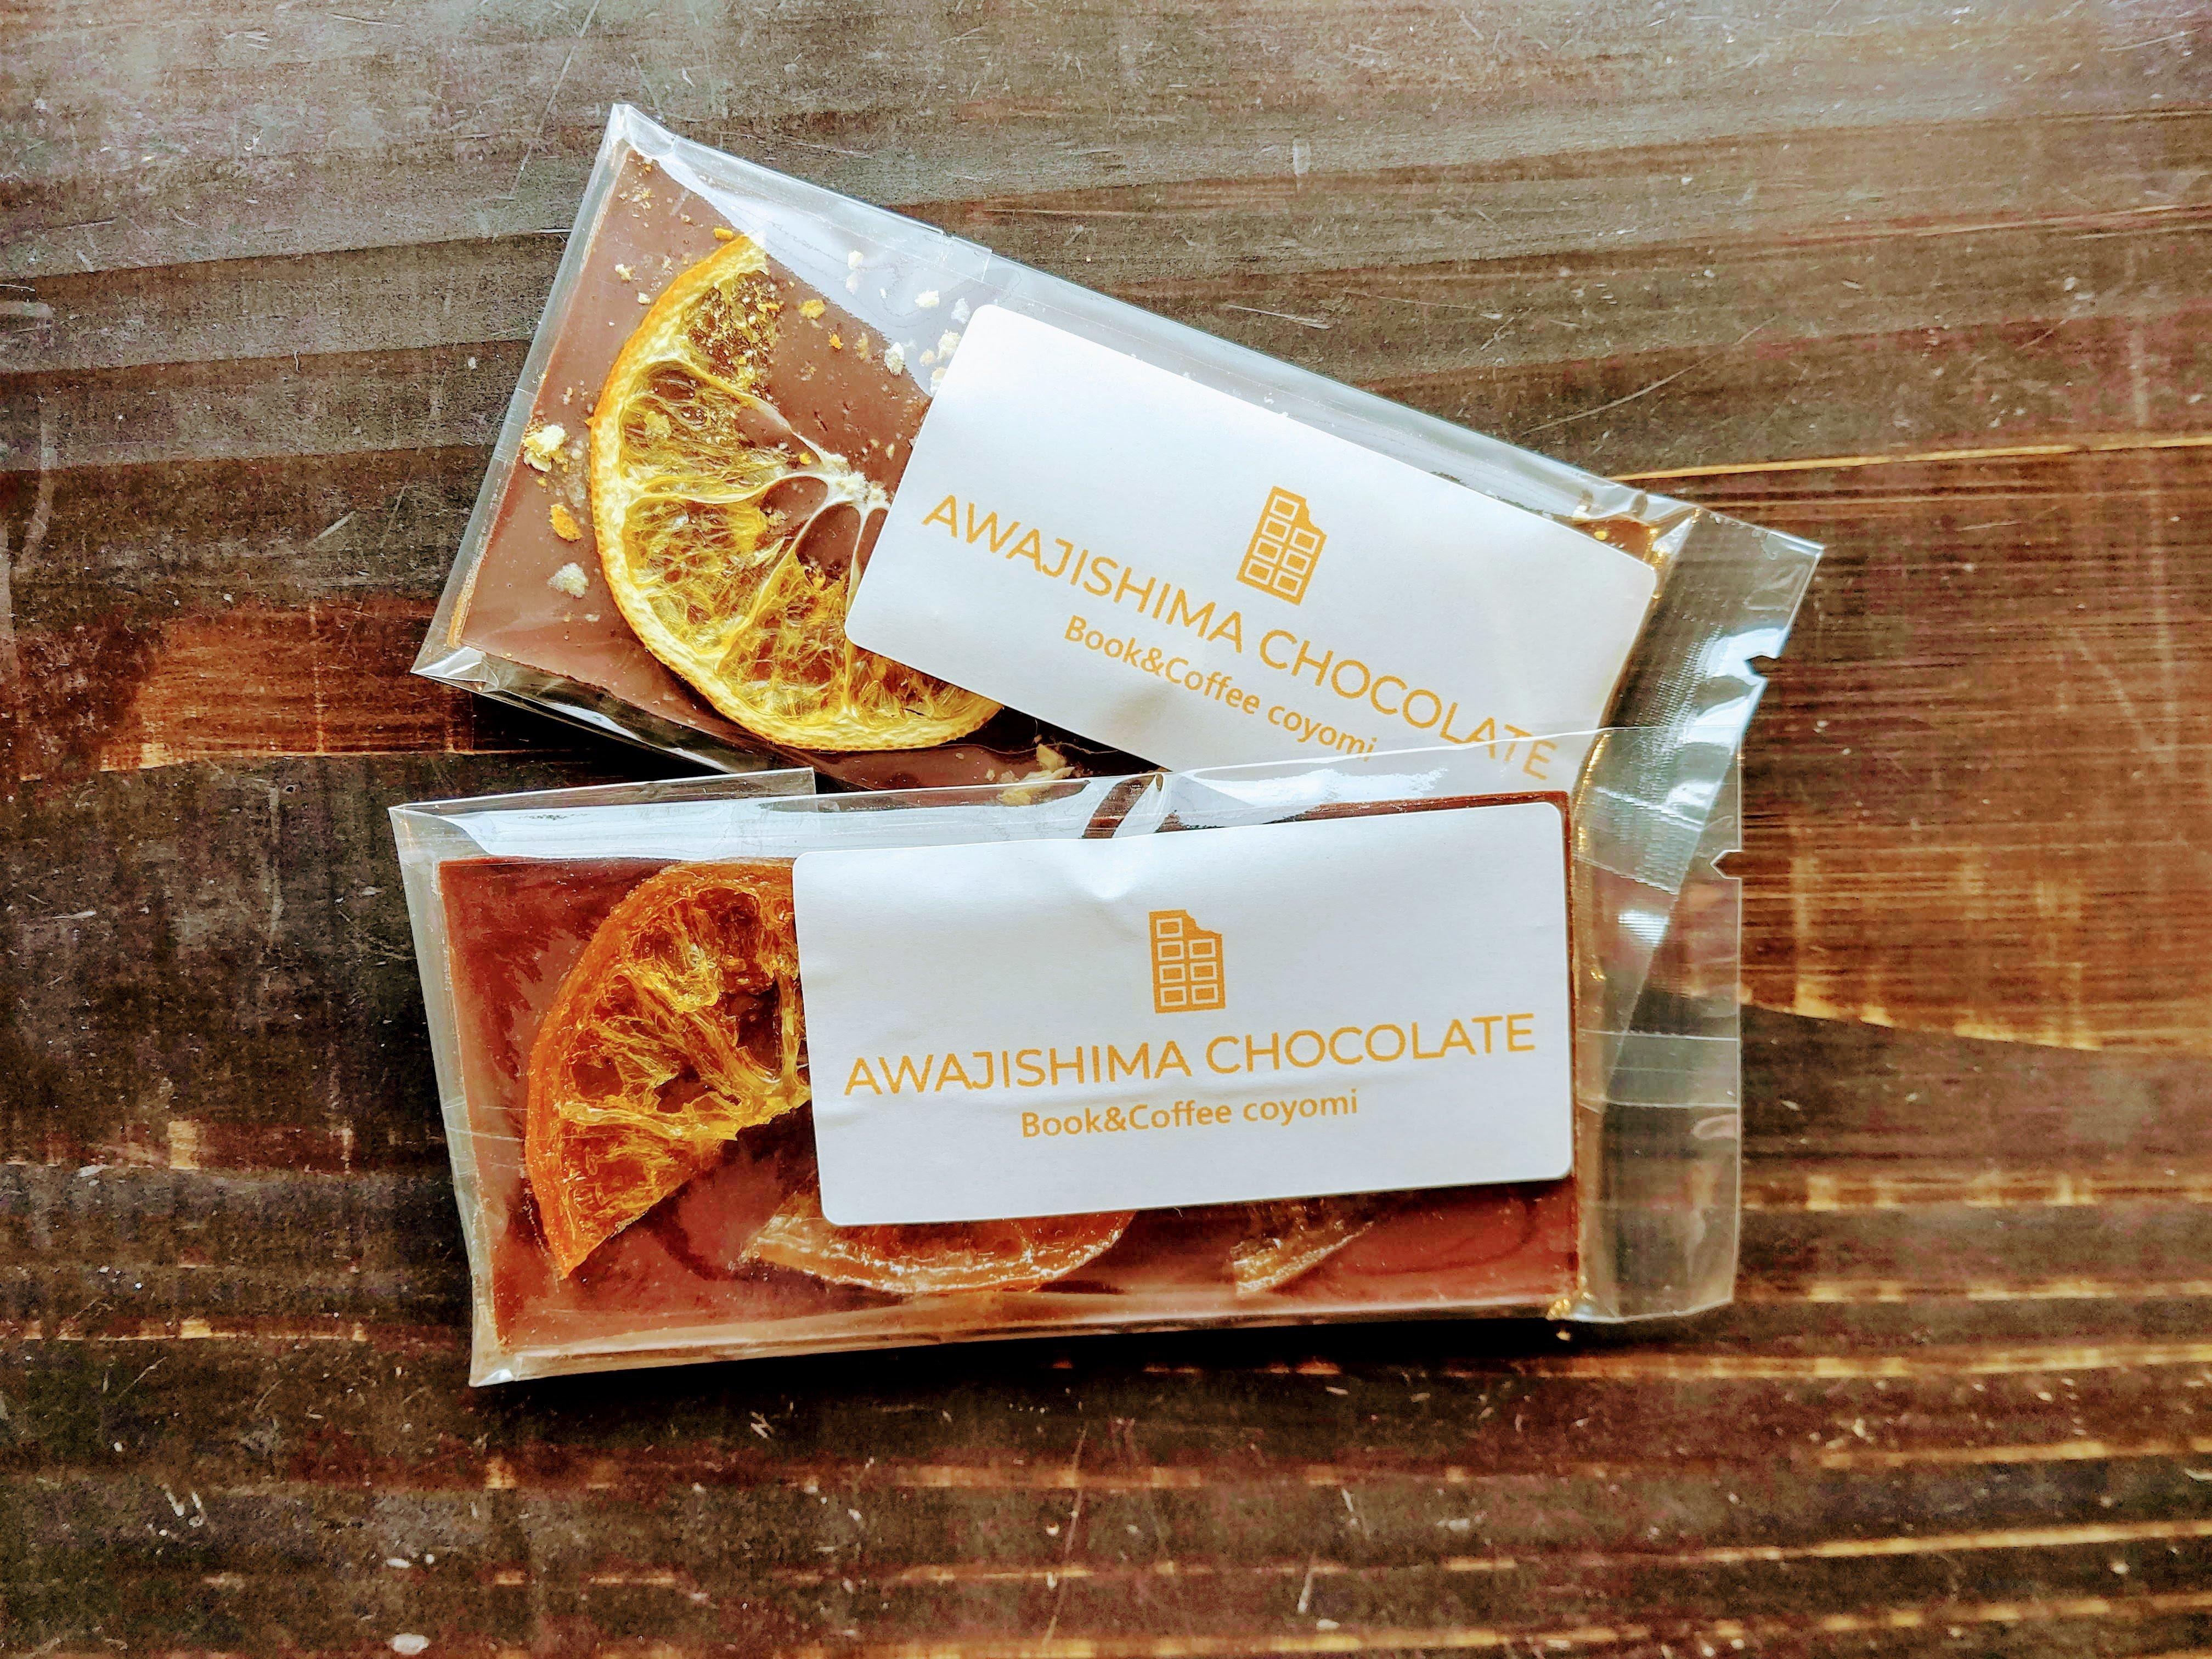 Book&Coffee coyomi AWAJISHIMA CHOCOLATE